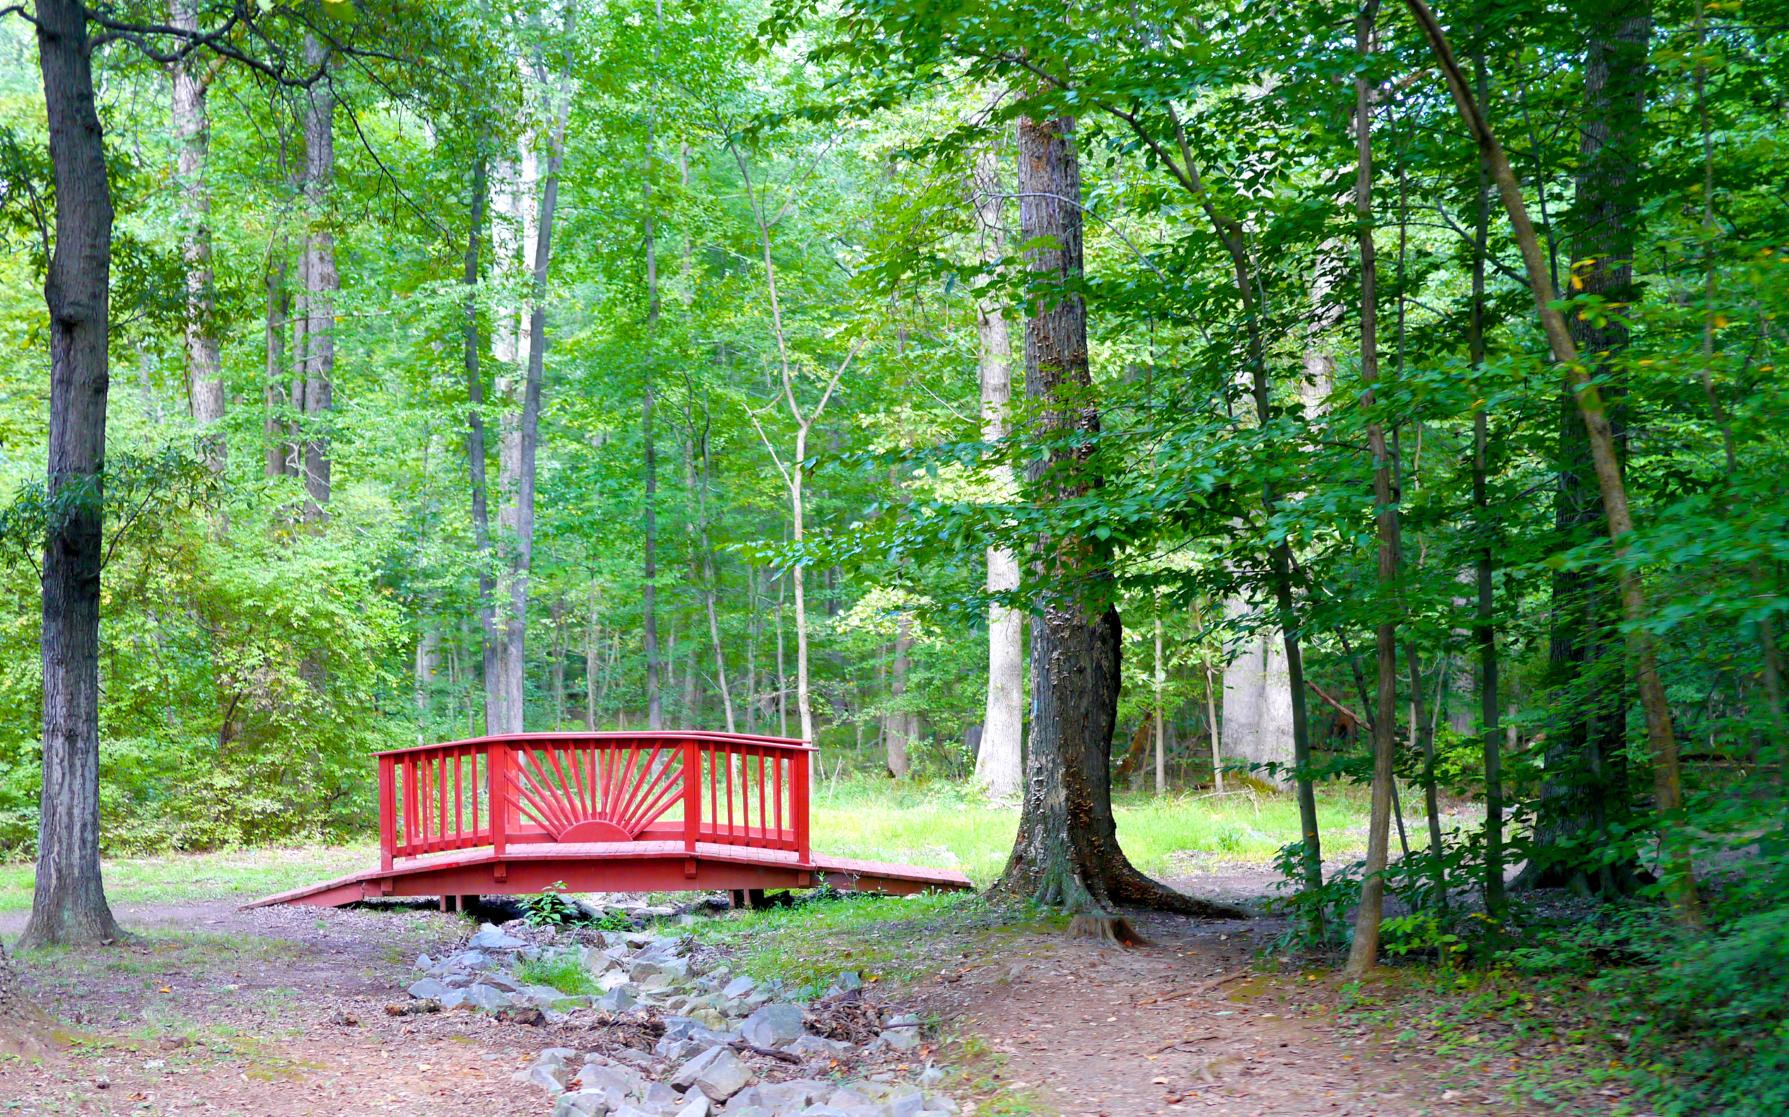 Red Wooden Bridge in Bull Run Regional Park, Centreville, Virginia